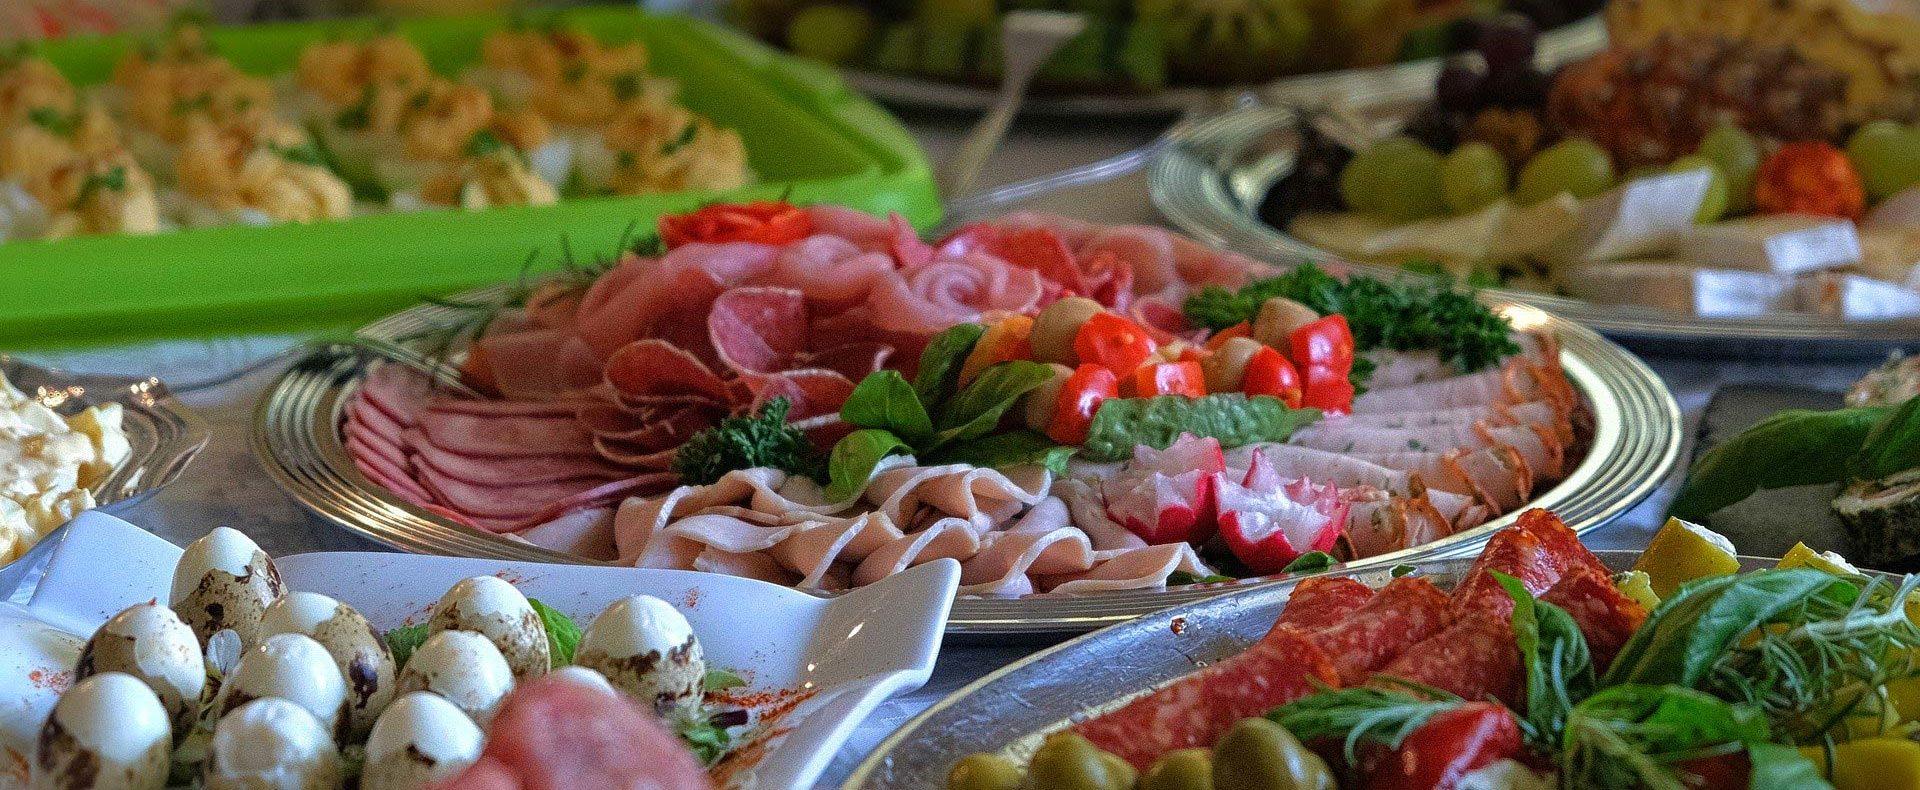 Catering / Partyservice - Kalte Platte: Wurstaufschnitt